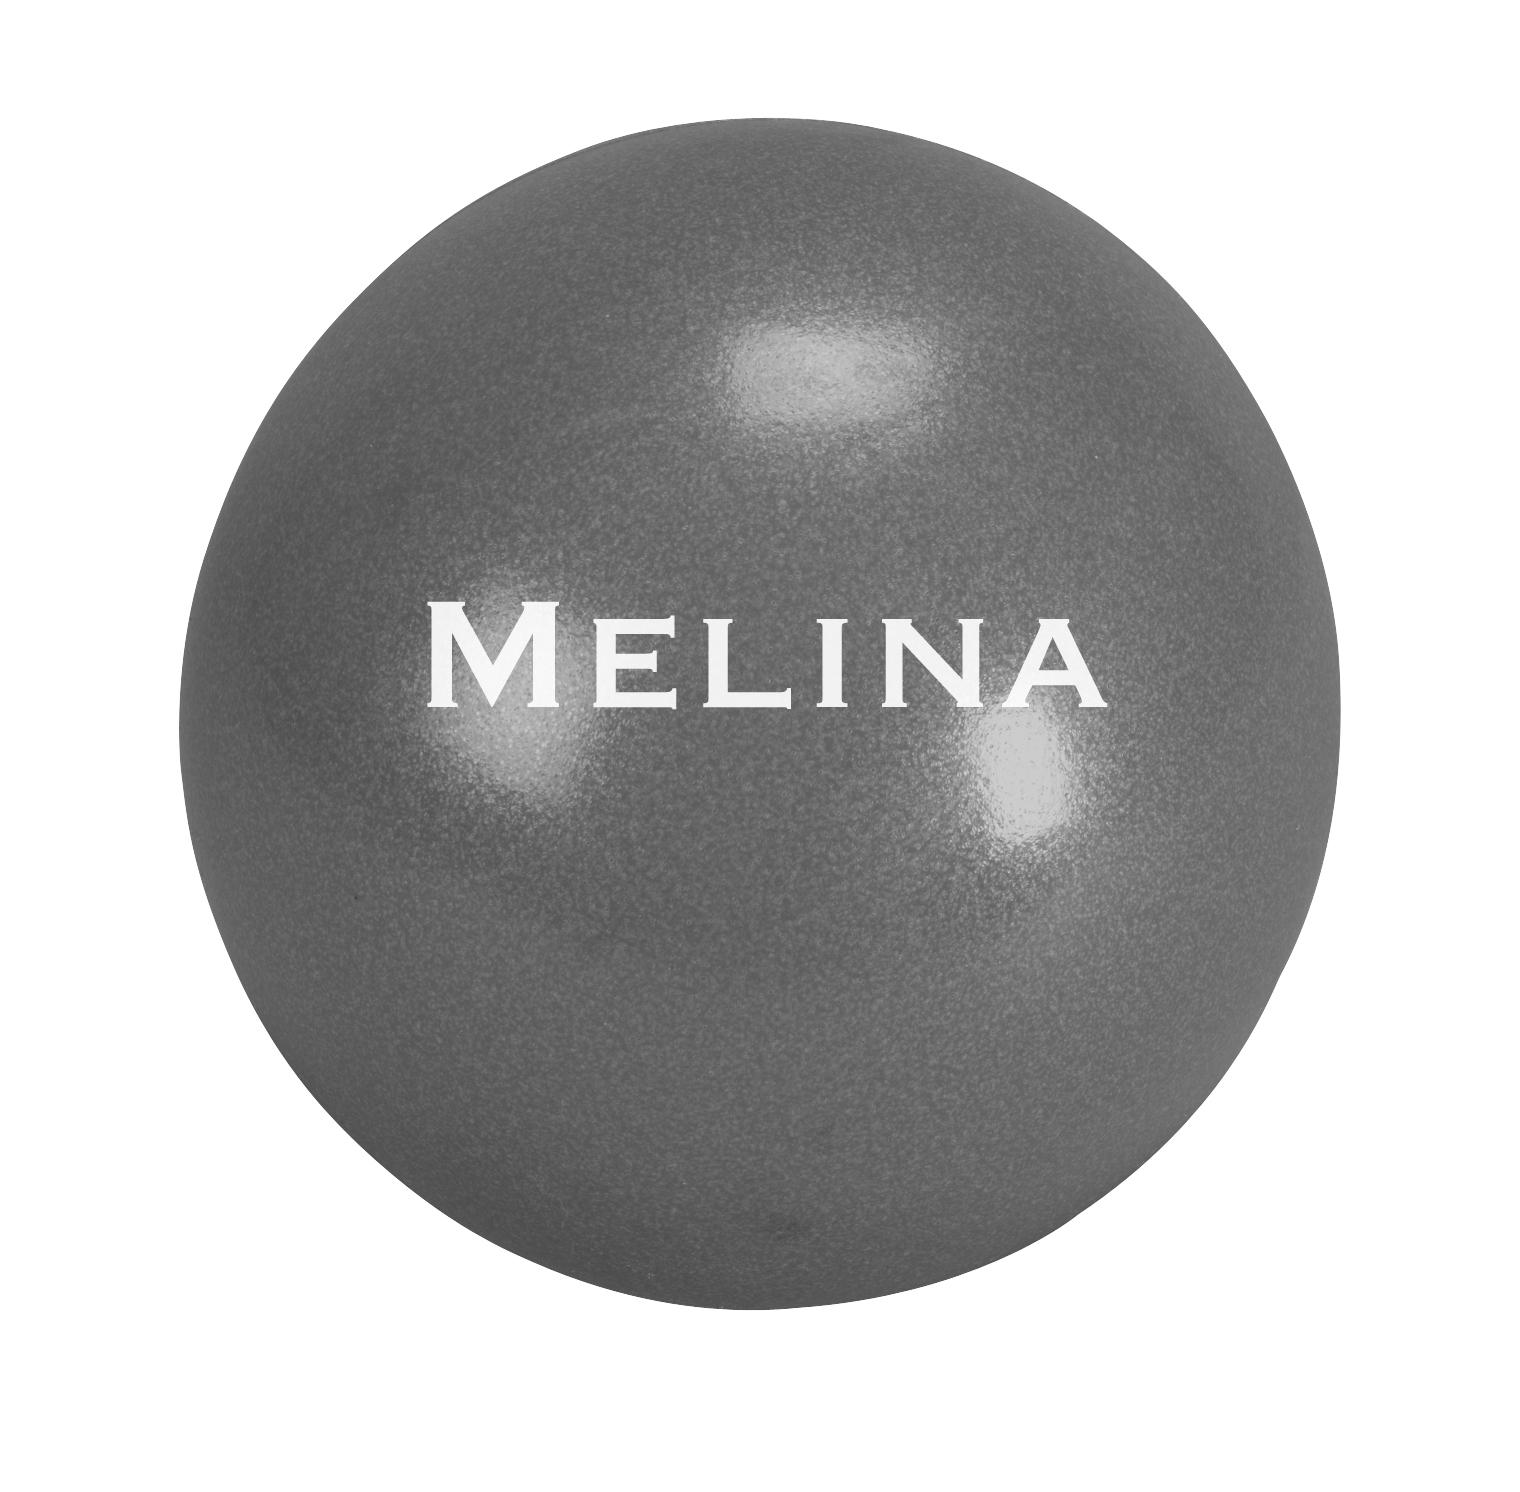 Pilates Ball - Melina 19 cm